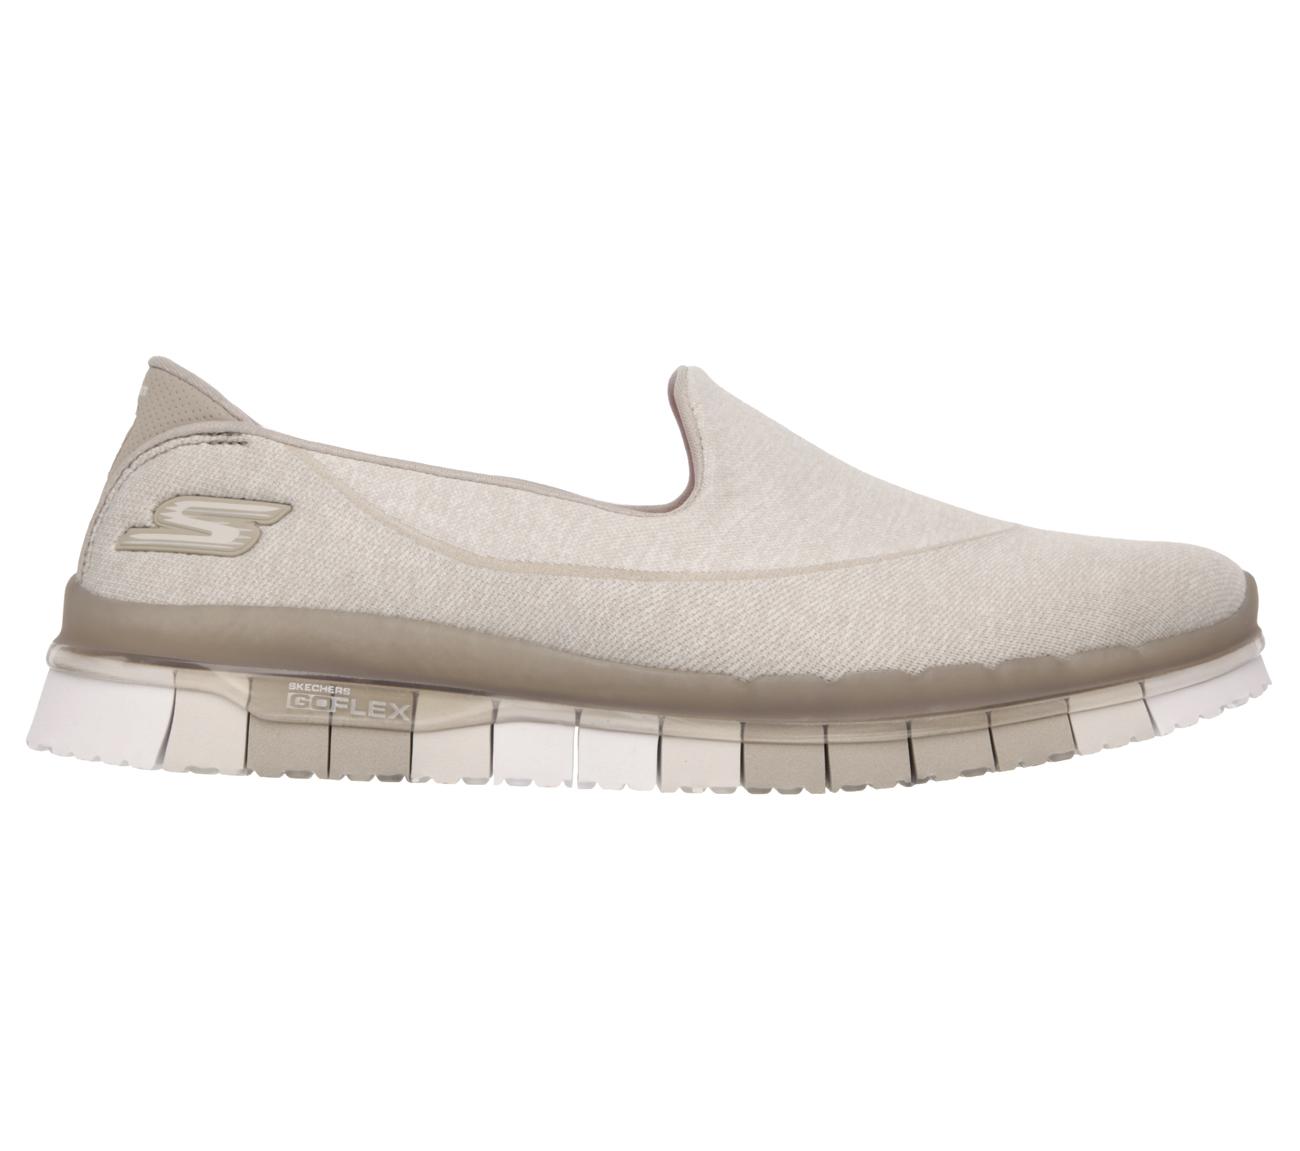 Skechers-Go Flex Slip On-TPE-$149.90